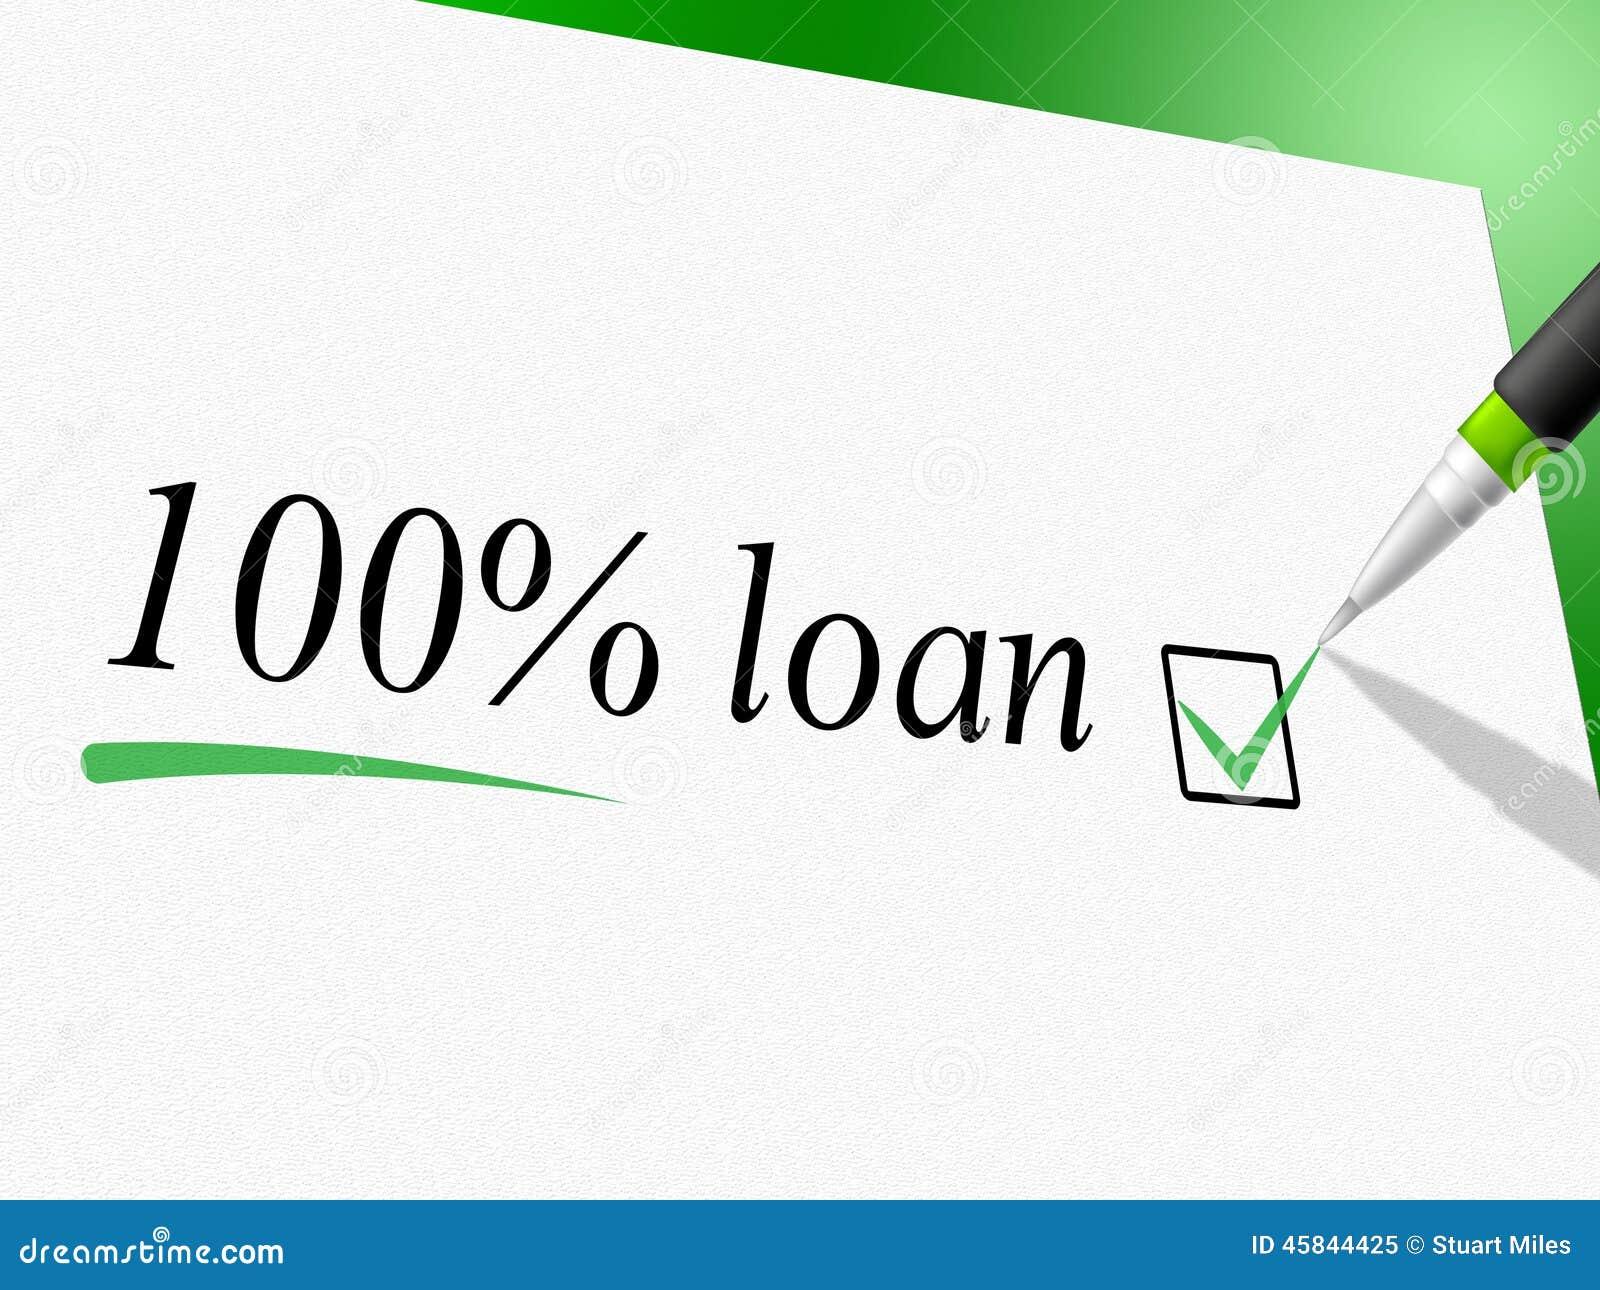 Το δάνειο εκατό τοις εκατό παρουσιάζει την πιστωτικά πρόοδο και δάνεια